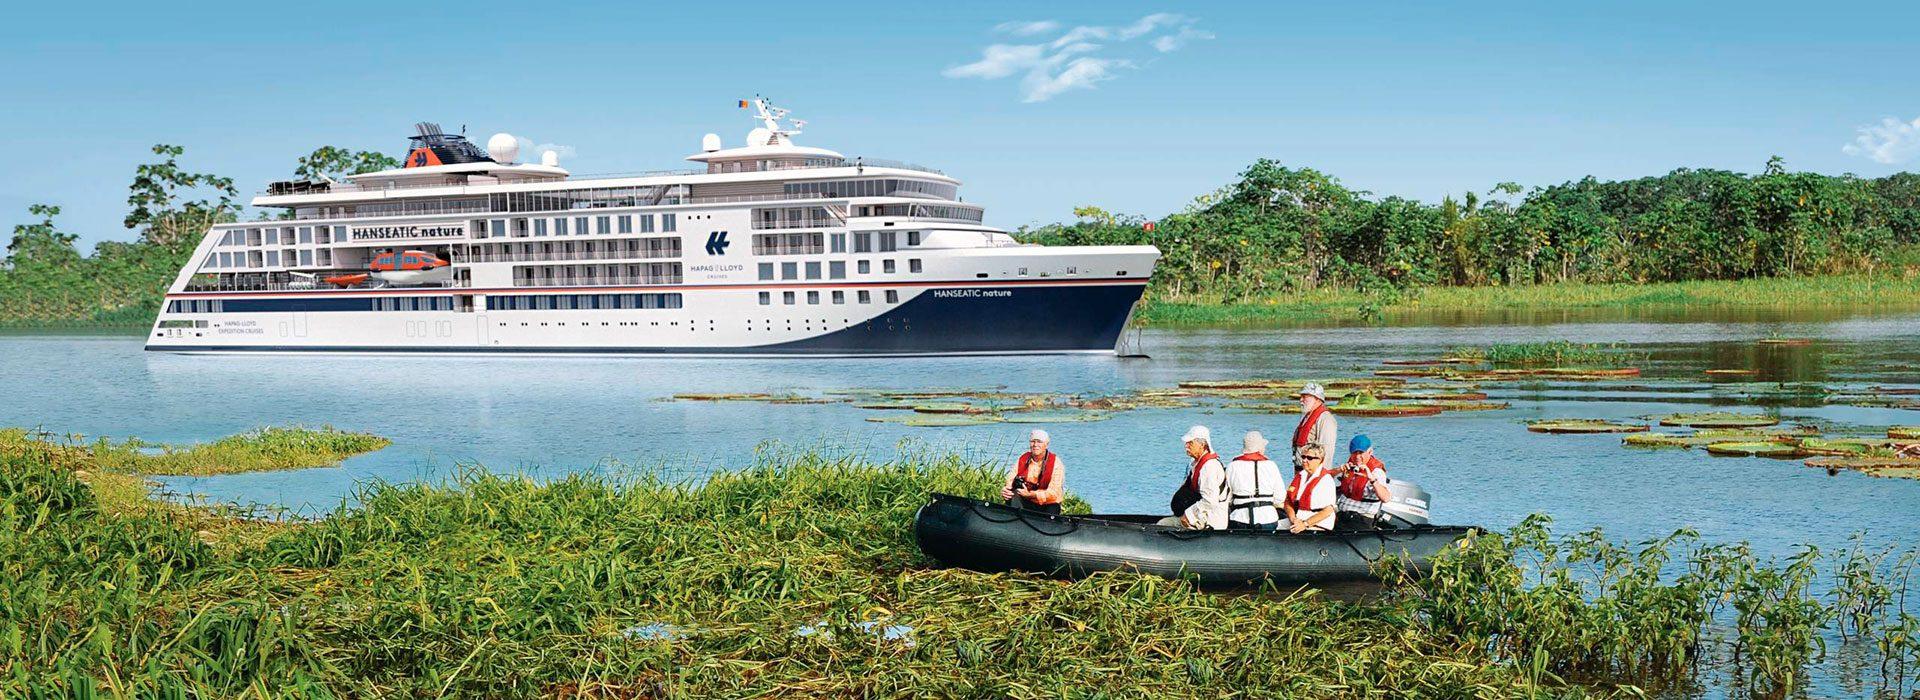 Eines der Hanseatic Schiffe im Amazonas